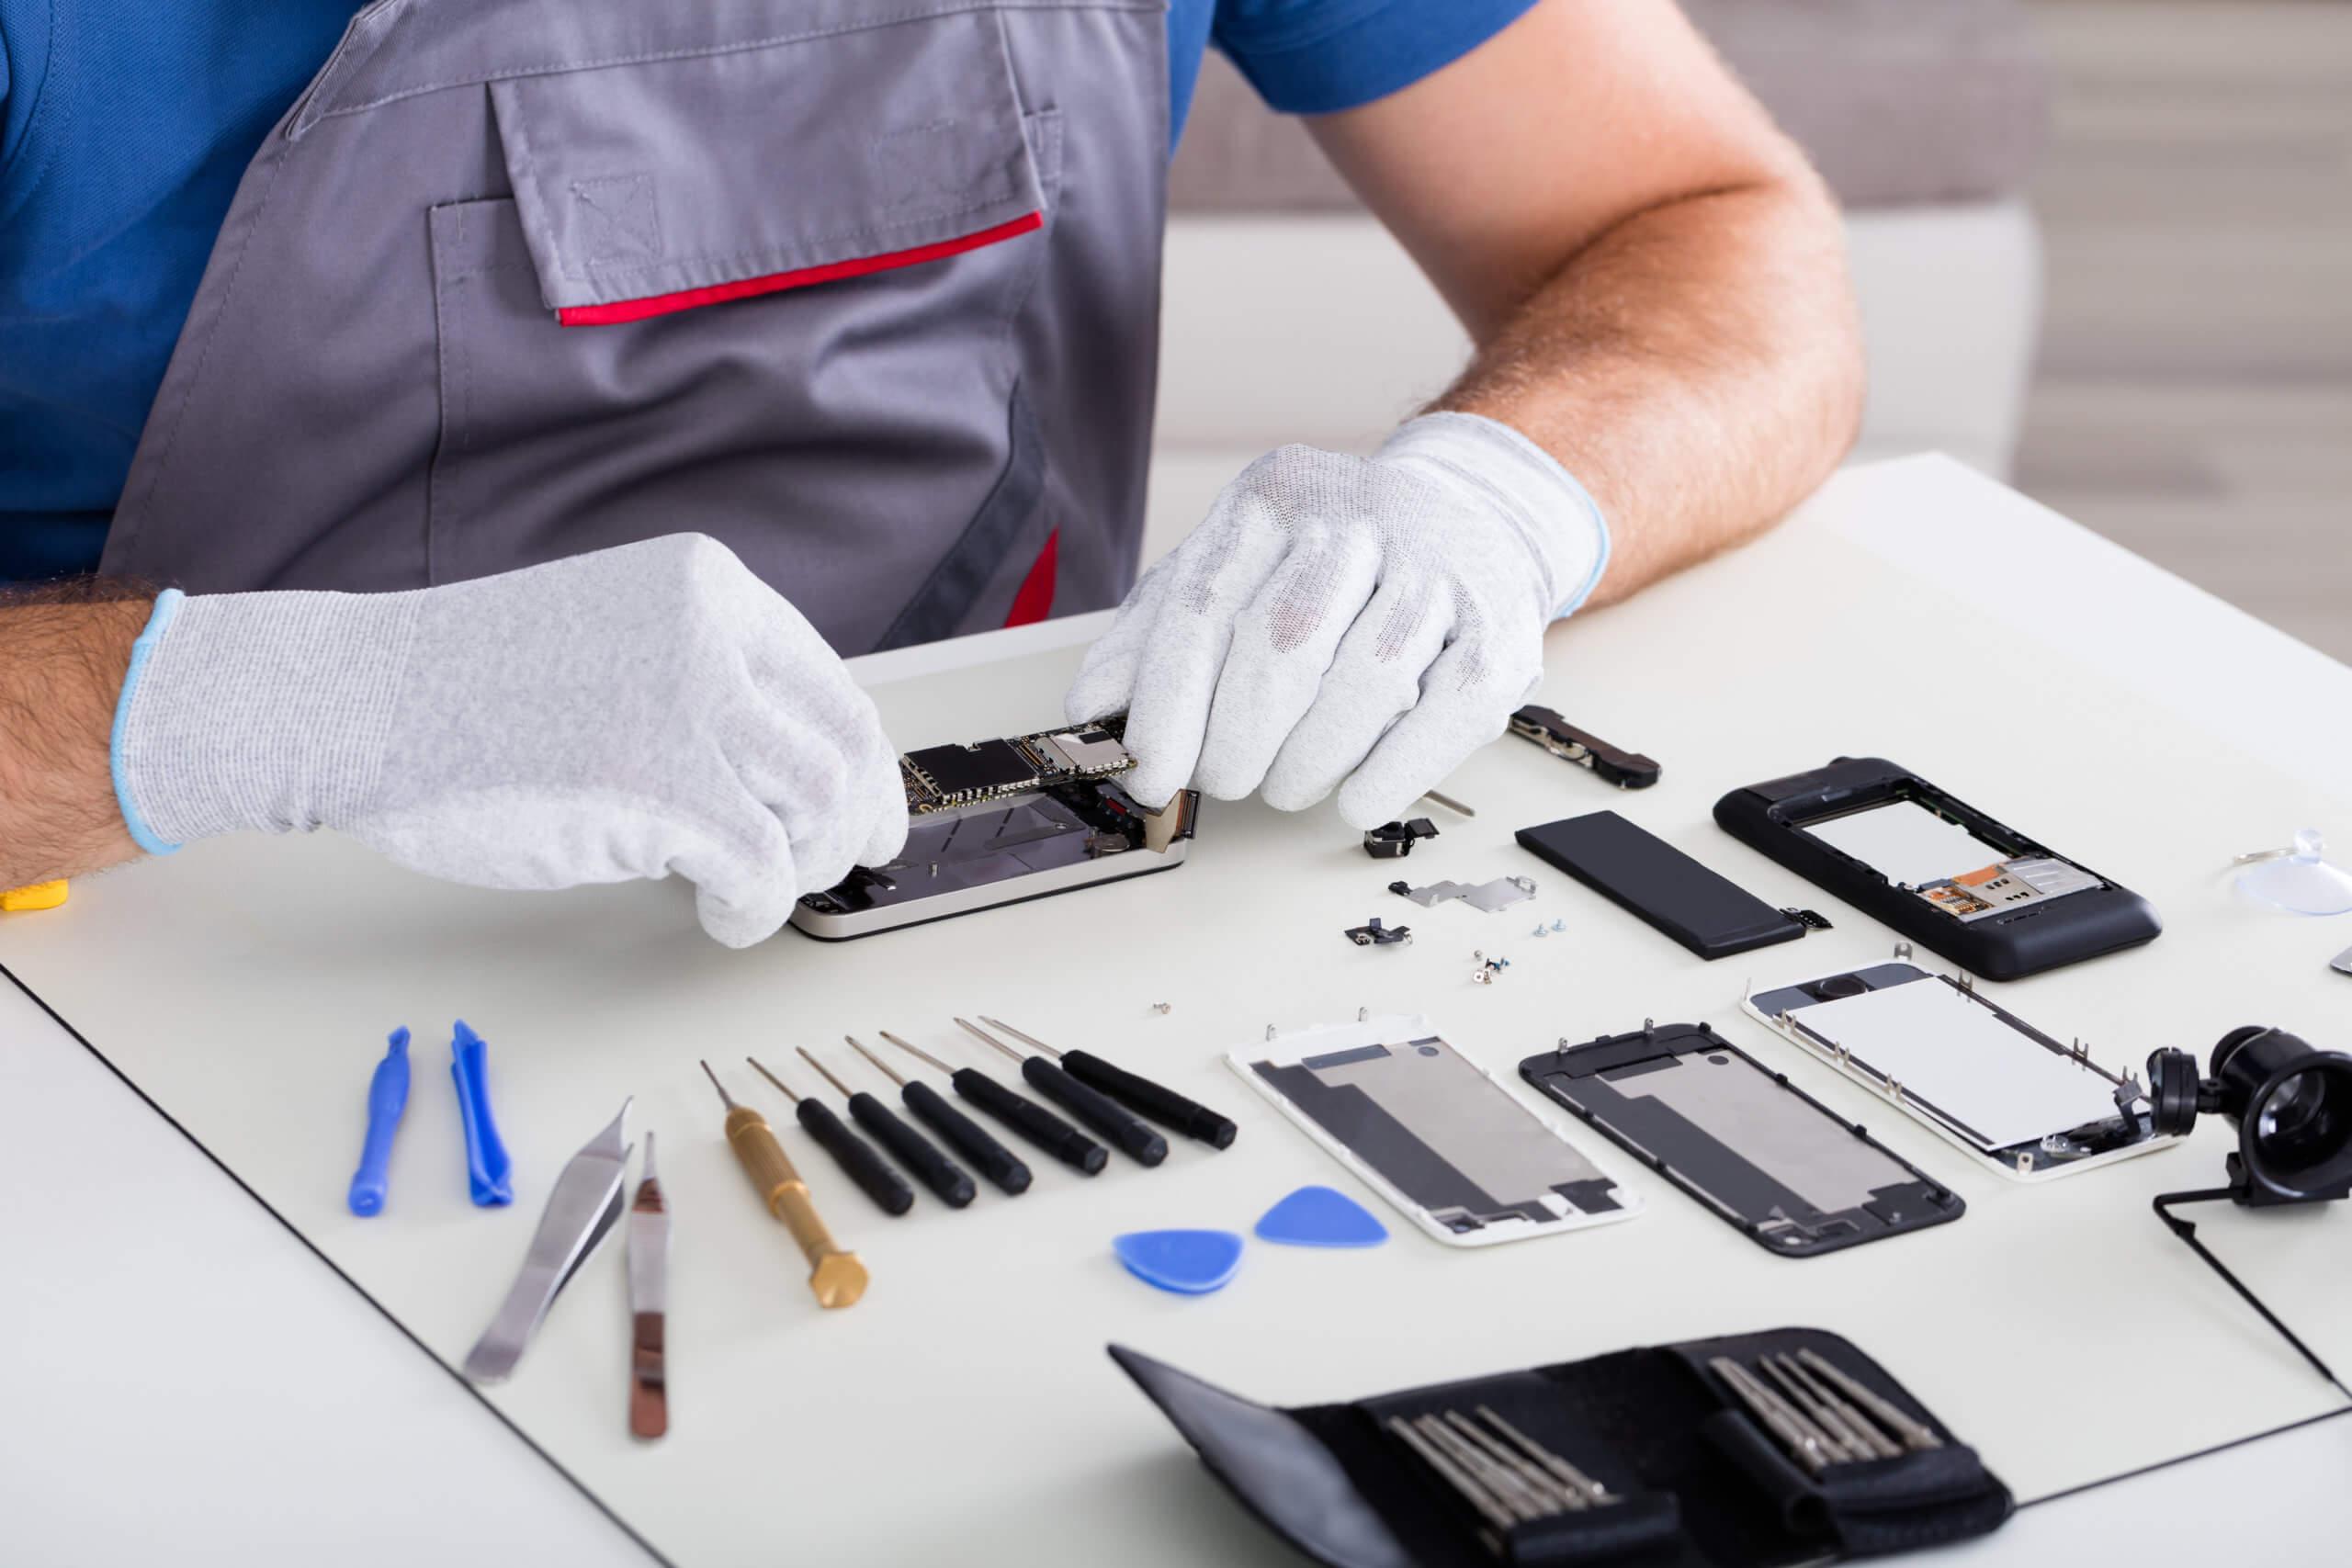 Repairing iPhone Screen